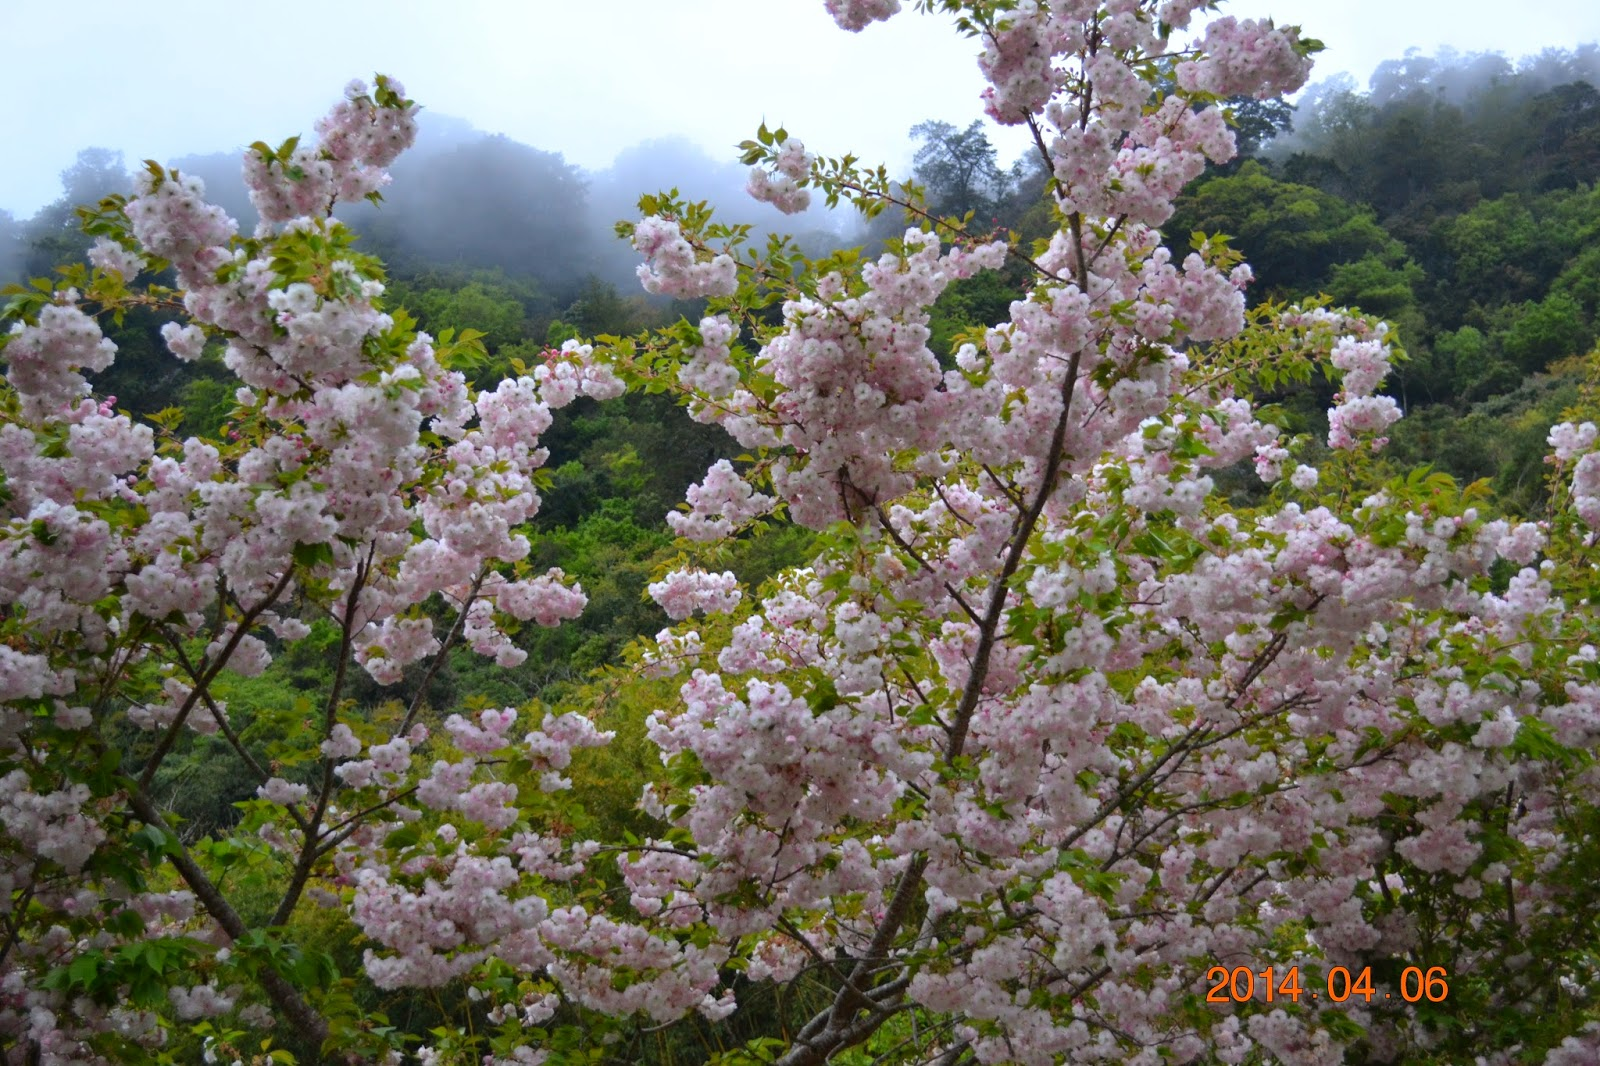 小范的山旅足跡: 鎮西堡賞松月櫻與關山櫻(二)